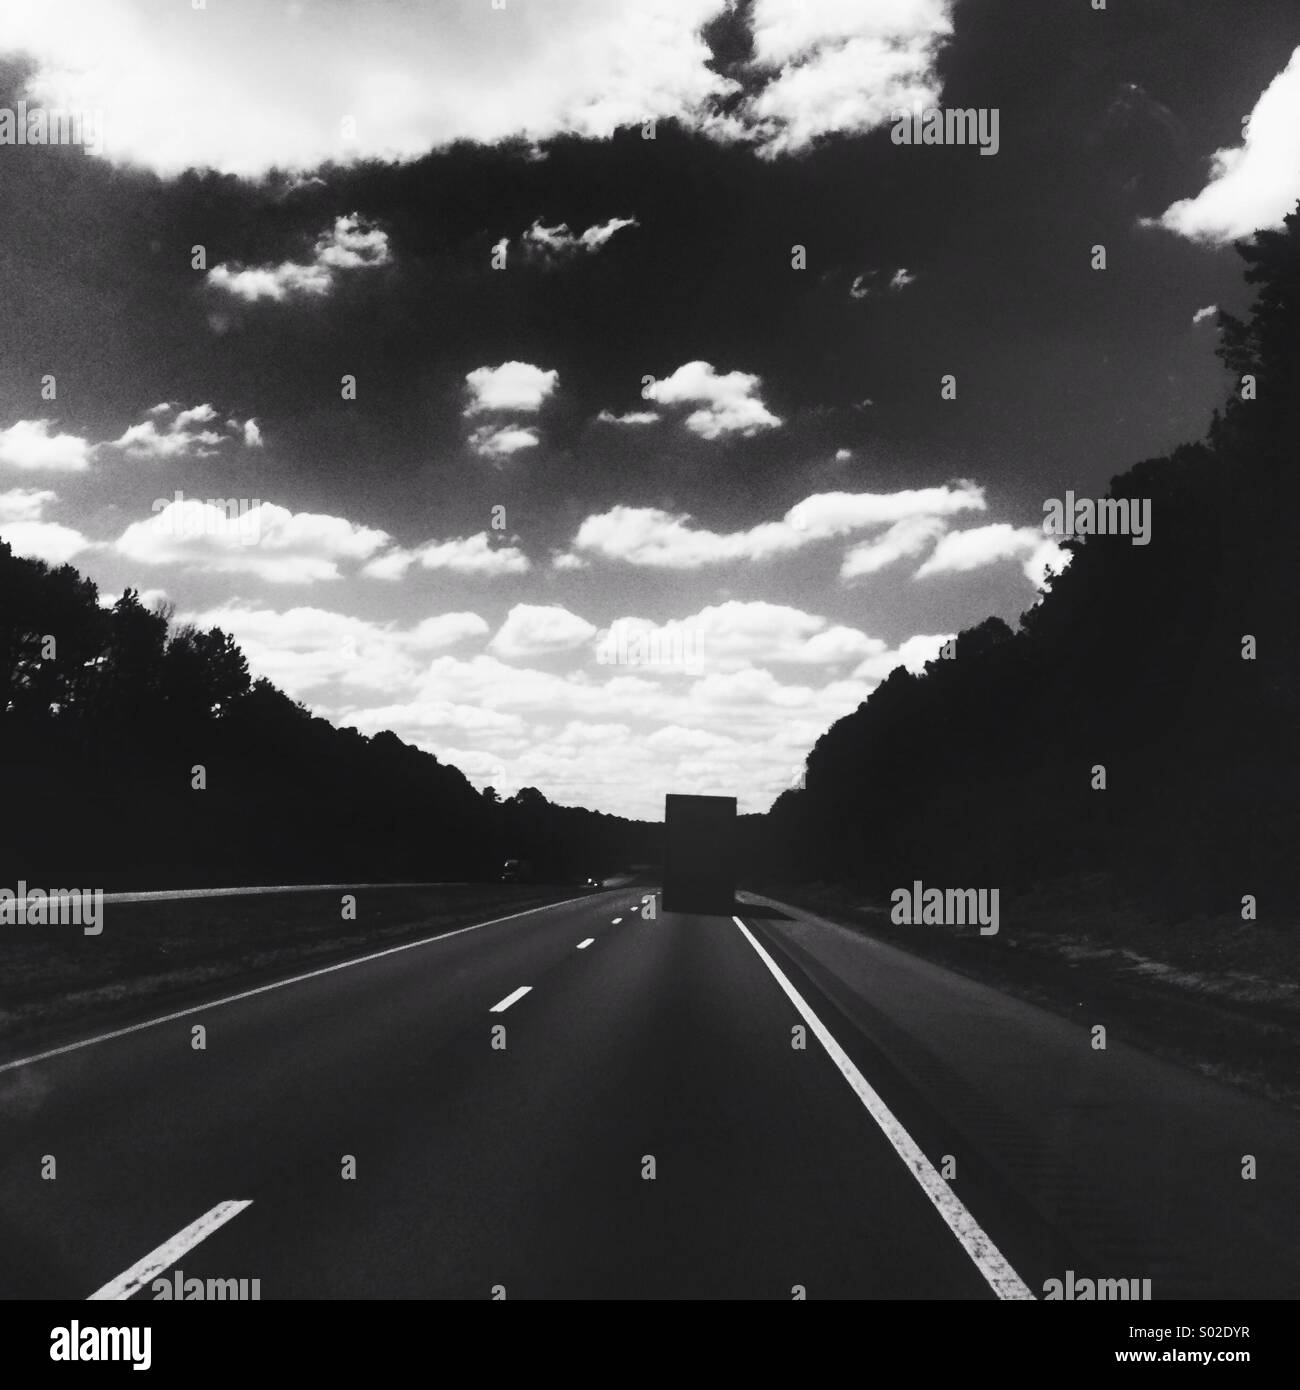 Driving through Alabama's freeways - Stock Image